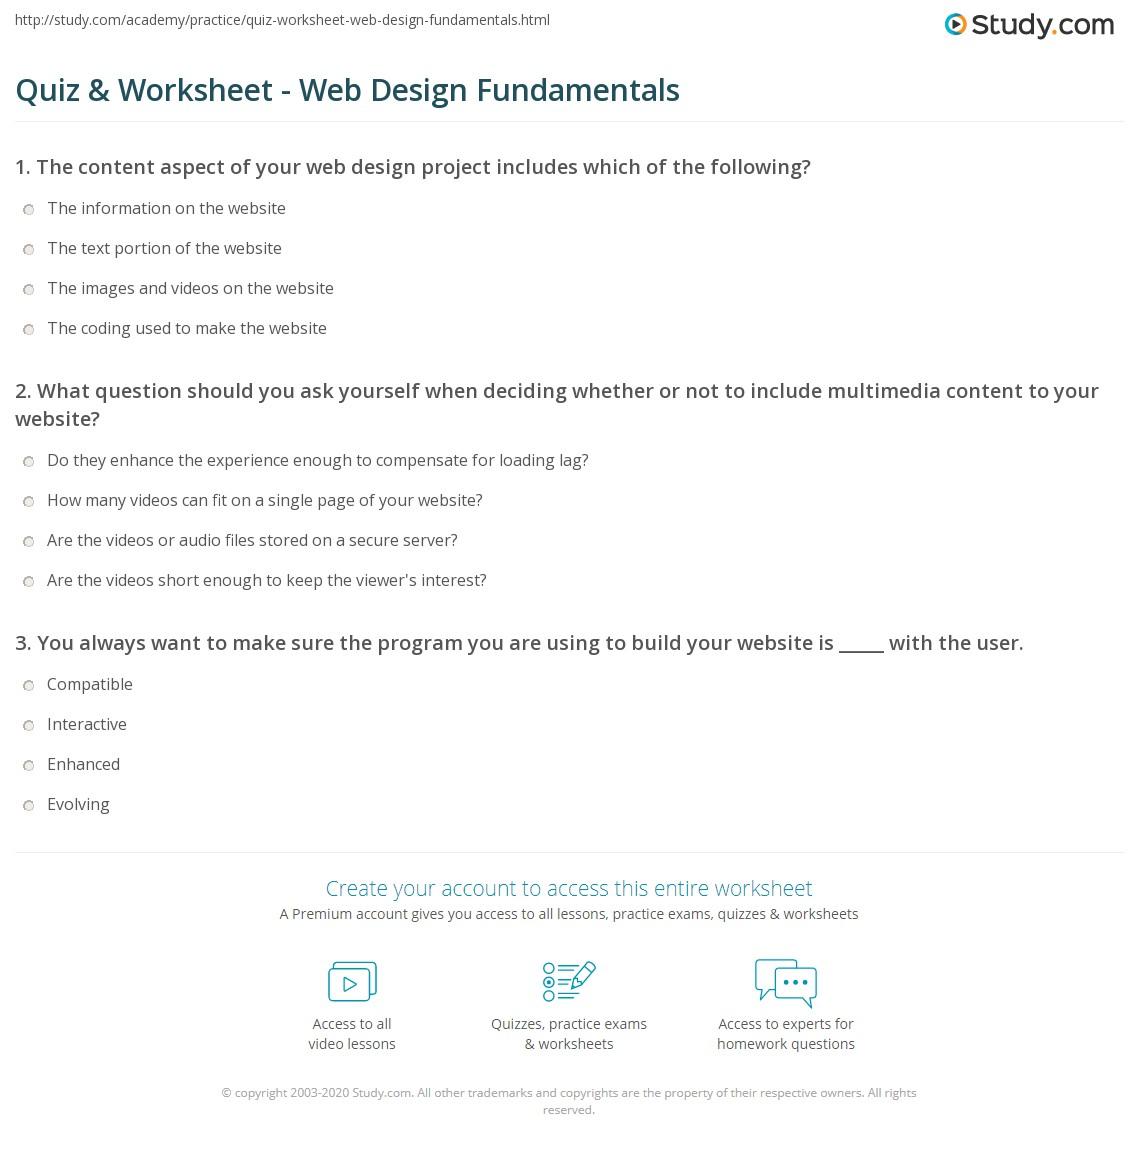 Quiz & Worksheet - Web Design Fundamentals | Study.com